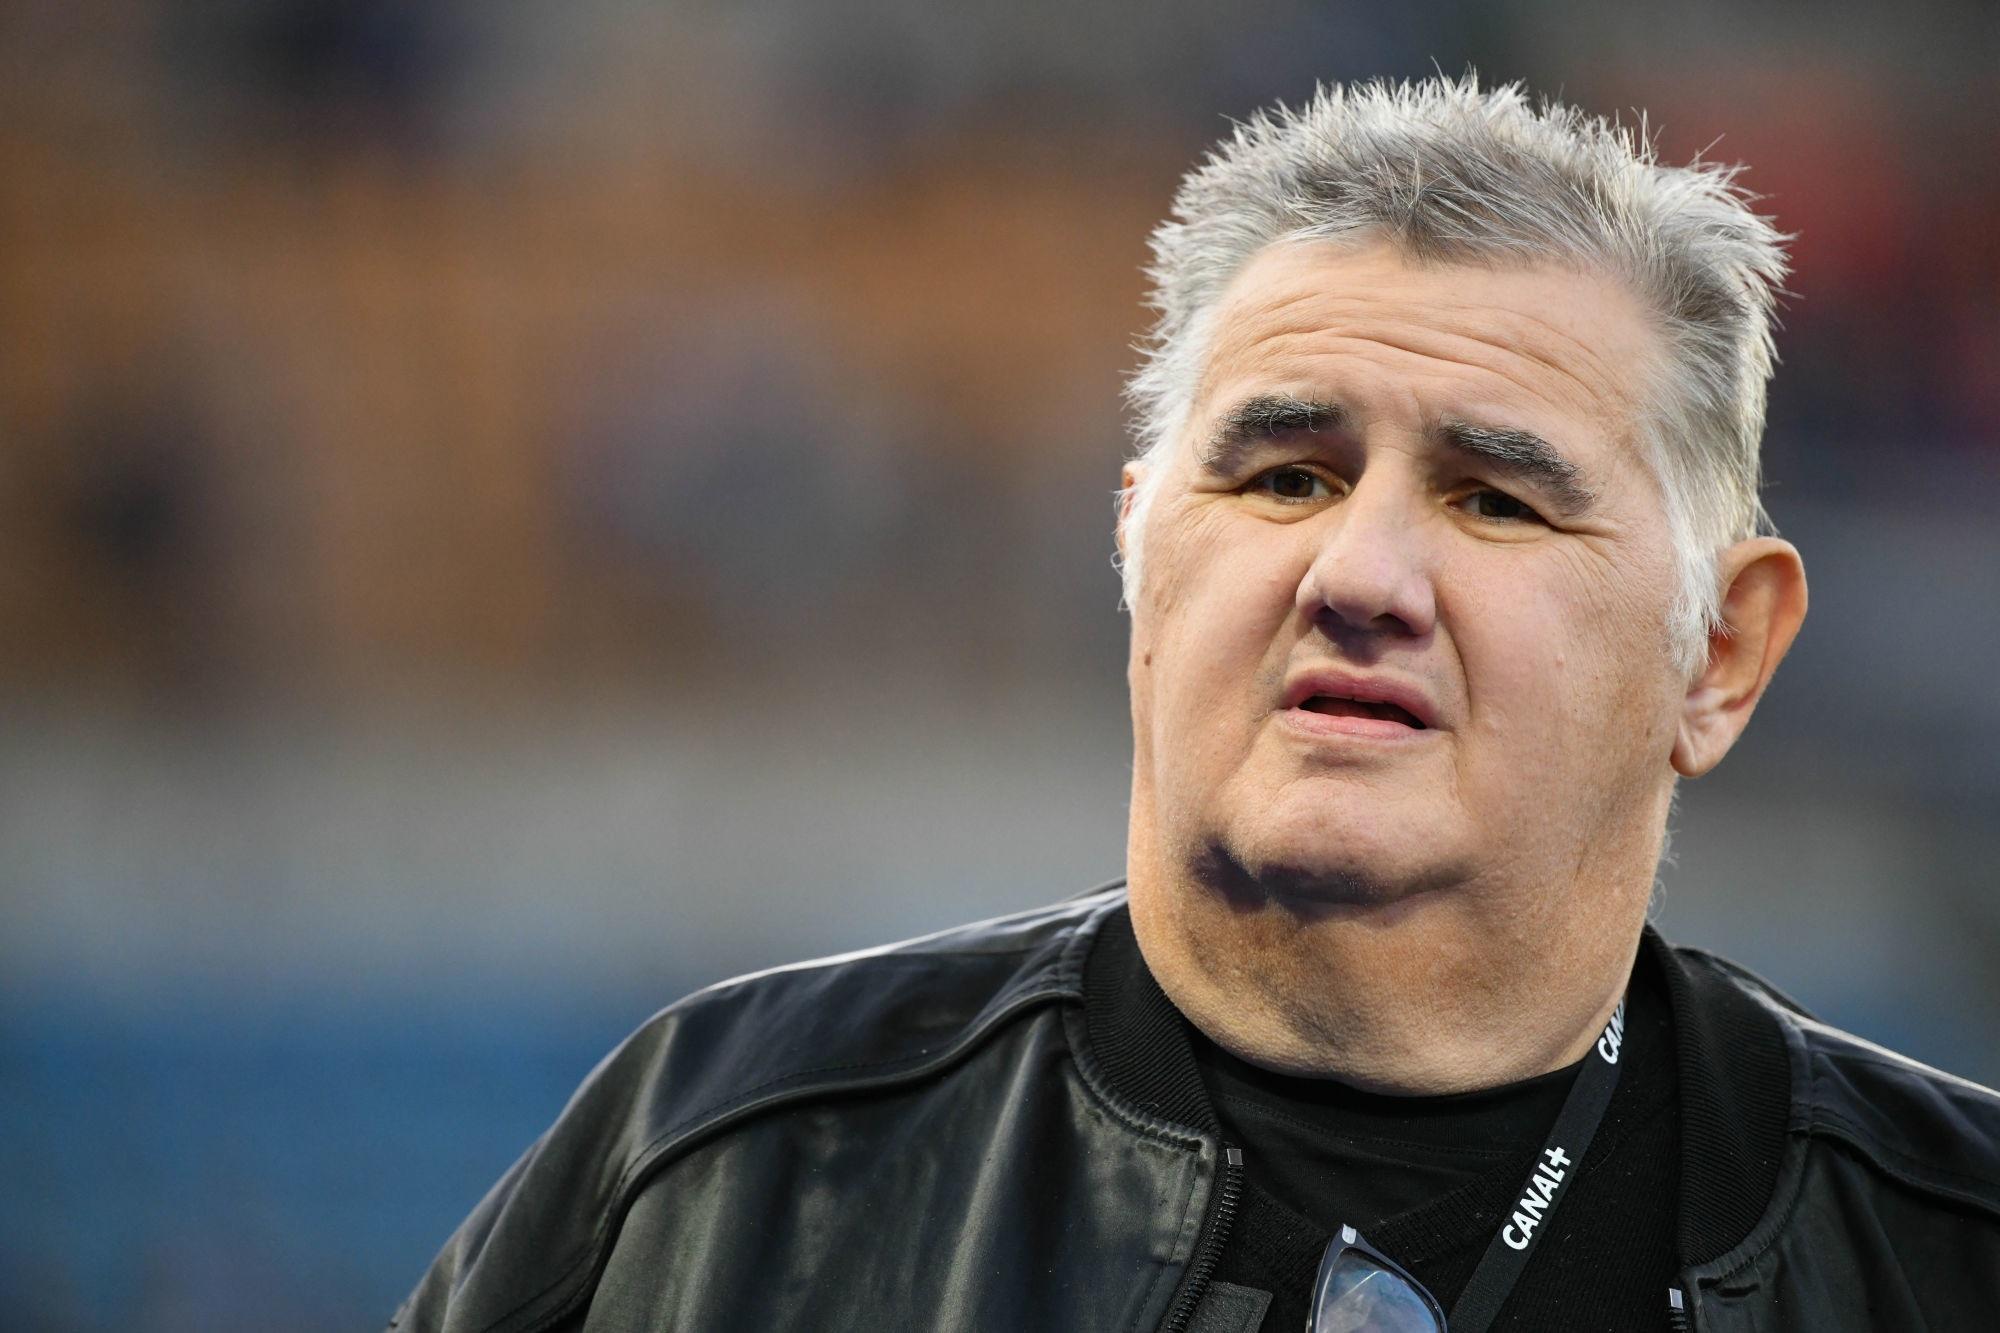 """PSG/Nîmes - Ménès s'attendait à plus """"d'enthousiasme"""" malgré les absences"""